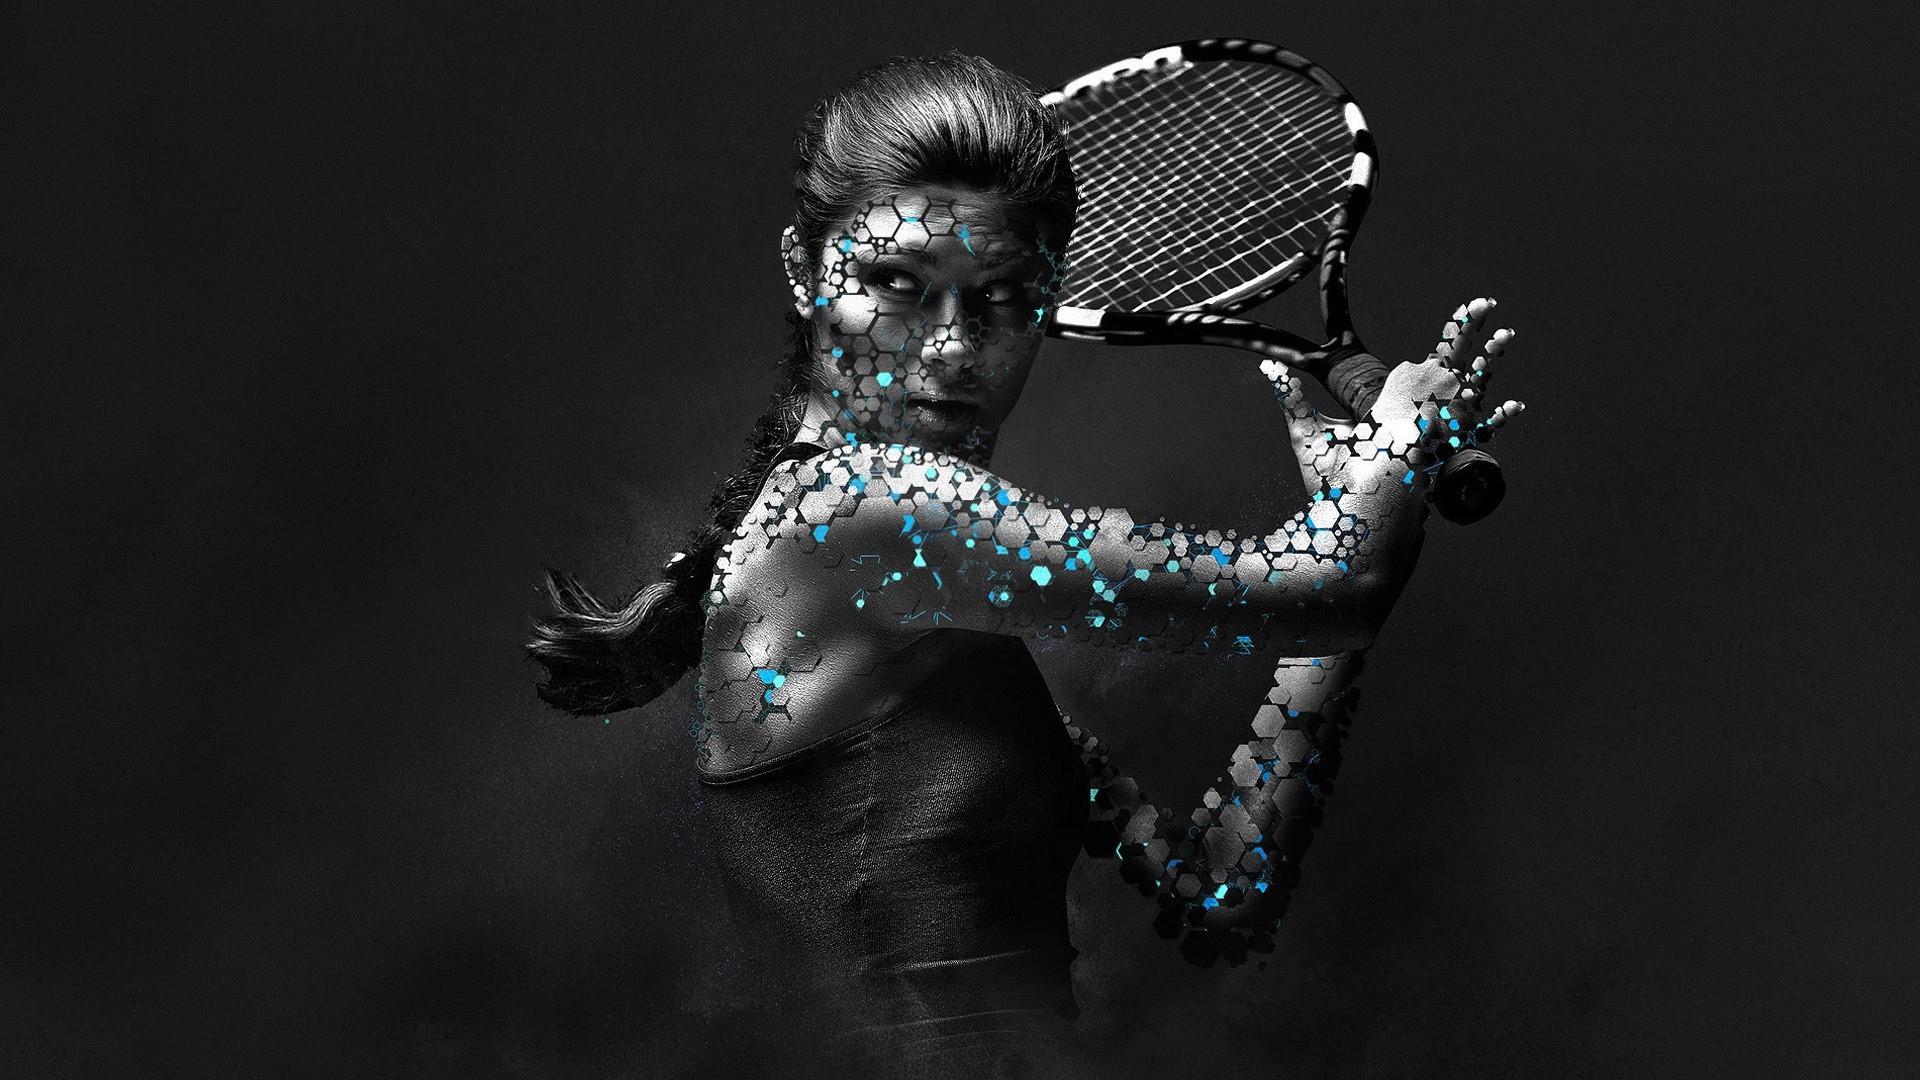 1920x1080 Woman Tennis Player 1080p HD Wallpaper Sports